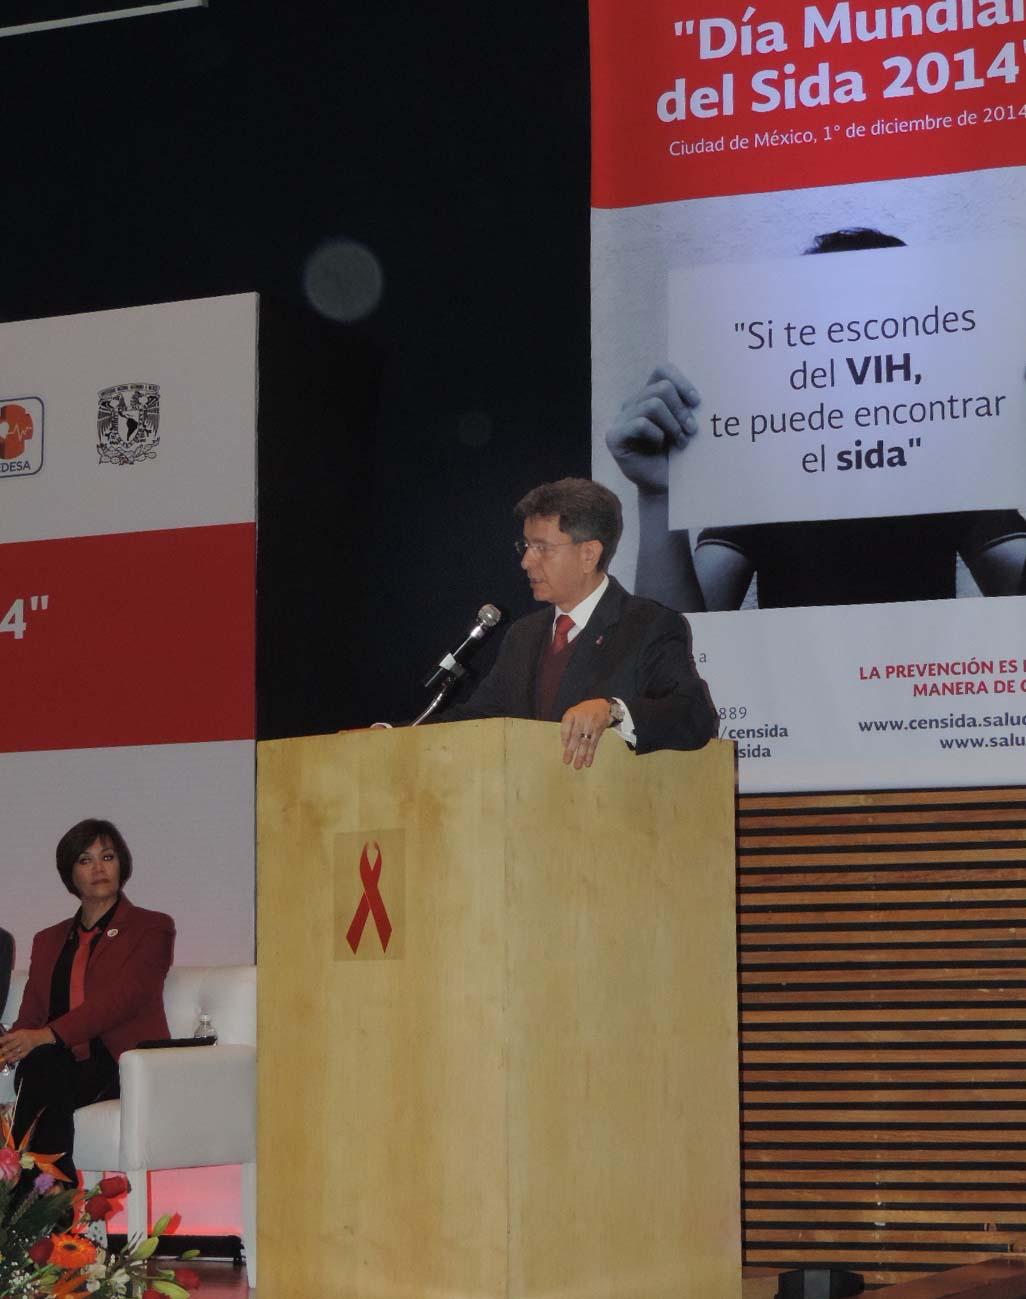 011214 Du00EDa Mundial del SIDA 06jpg